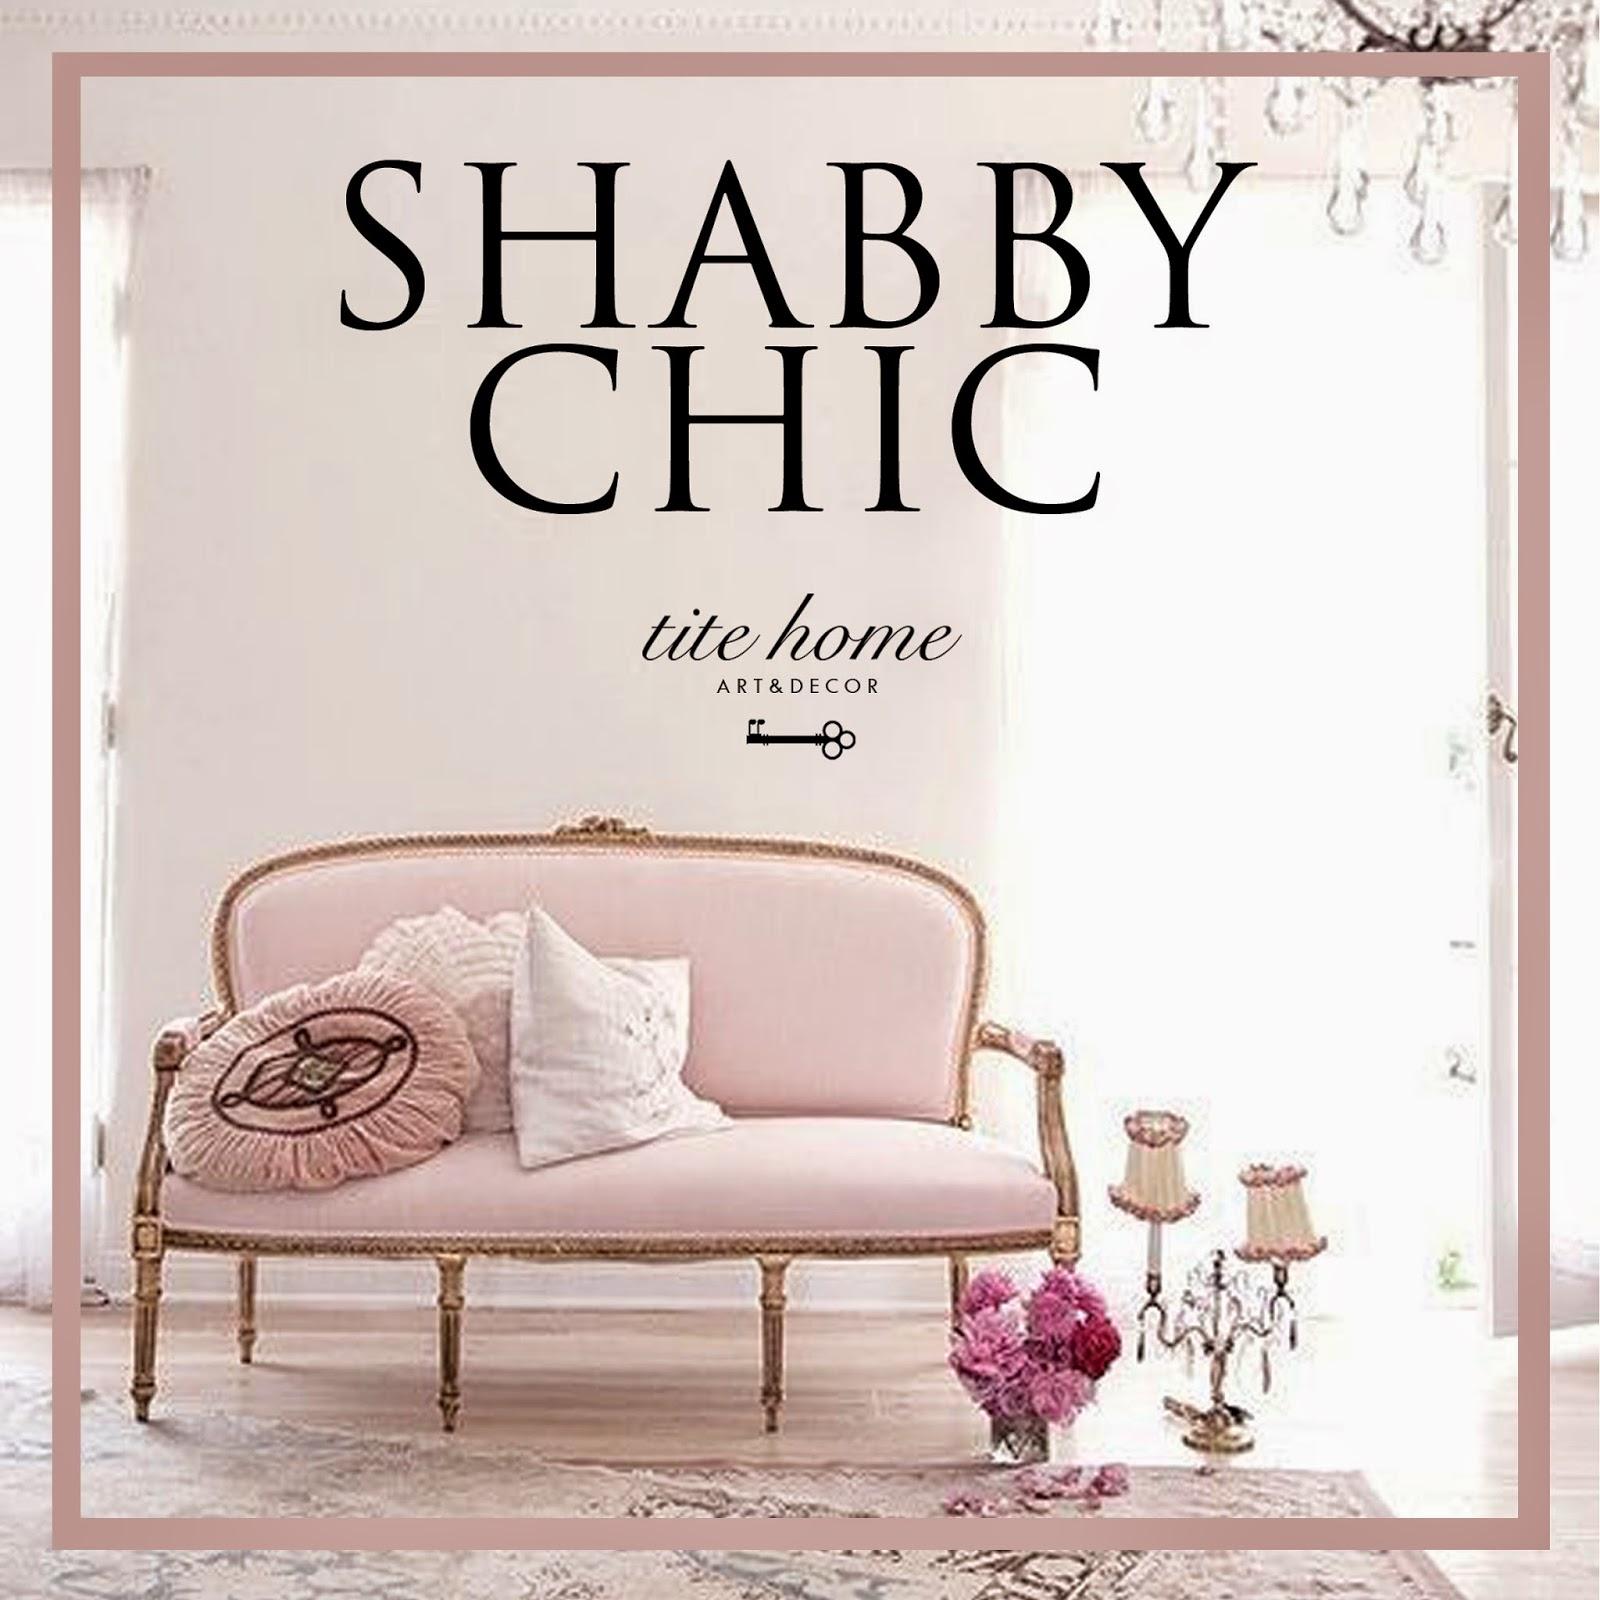 Cat Rumah Shabby - shab chic SHABBY CHIC